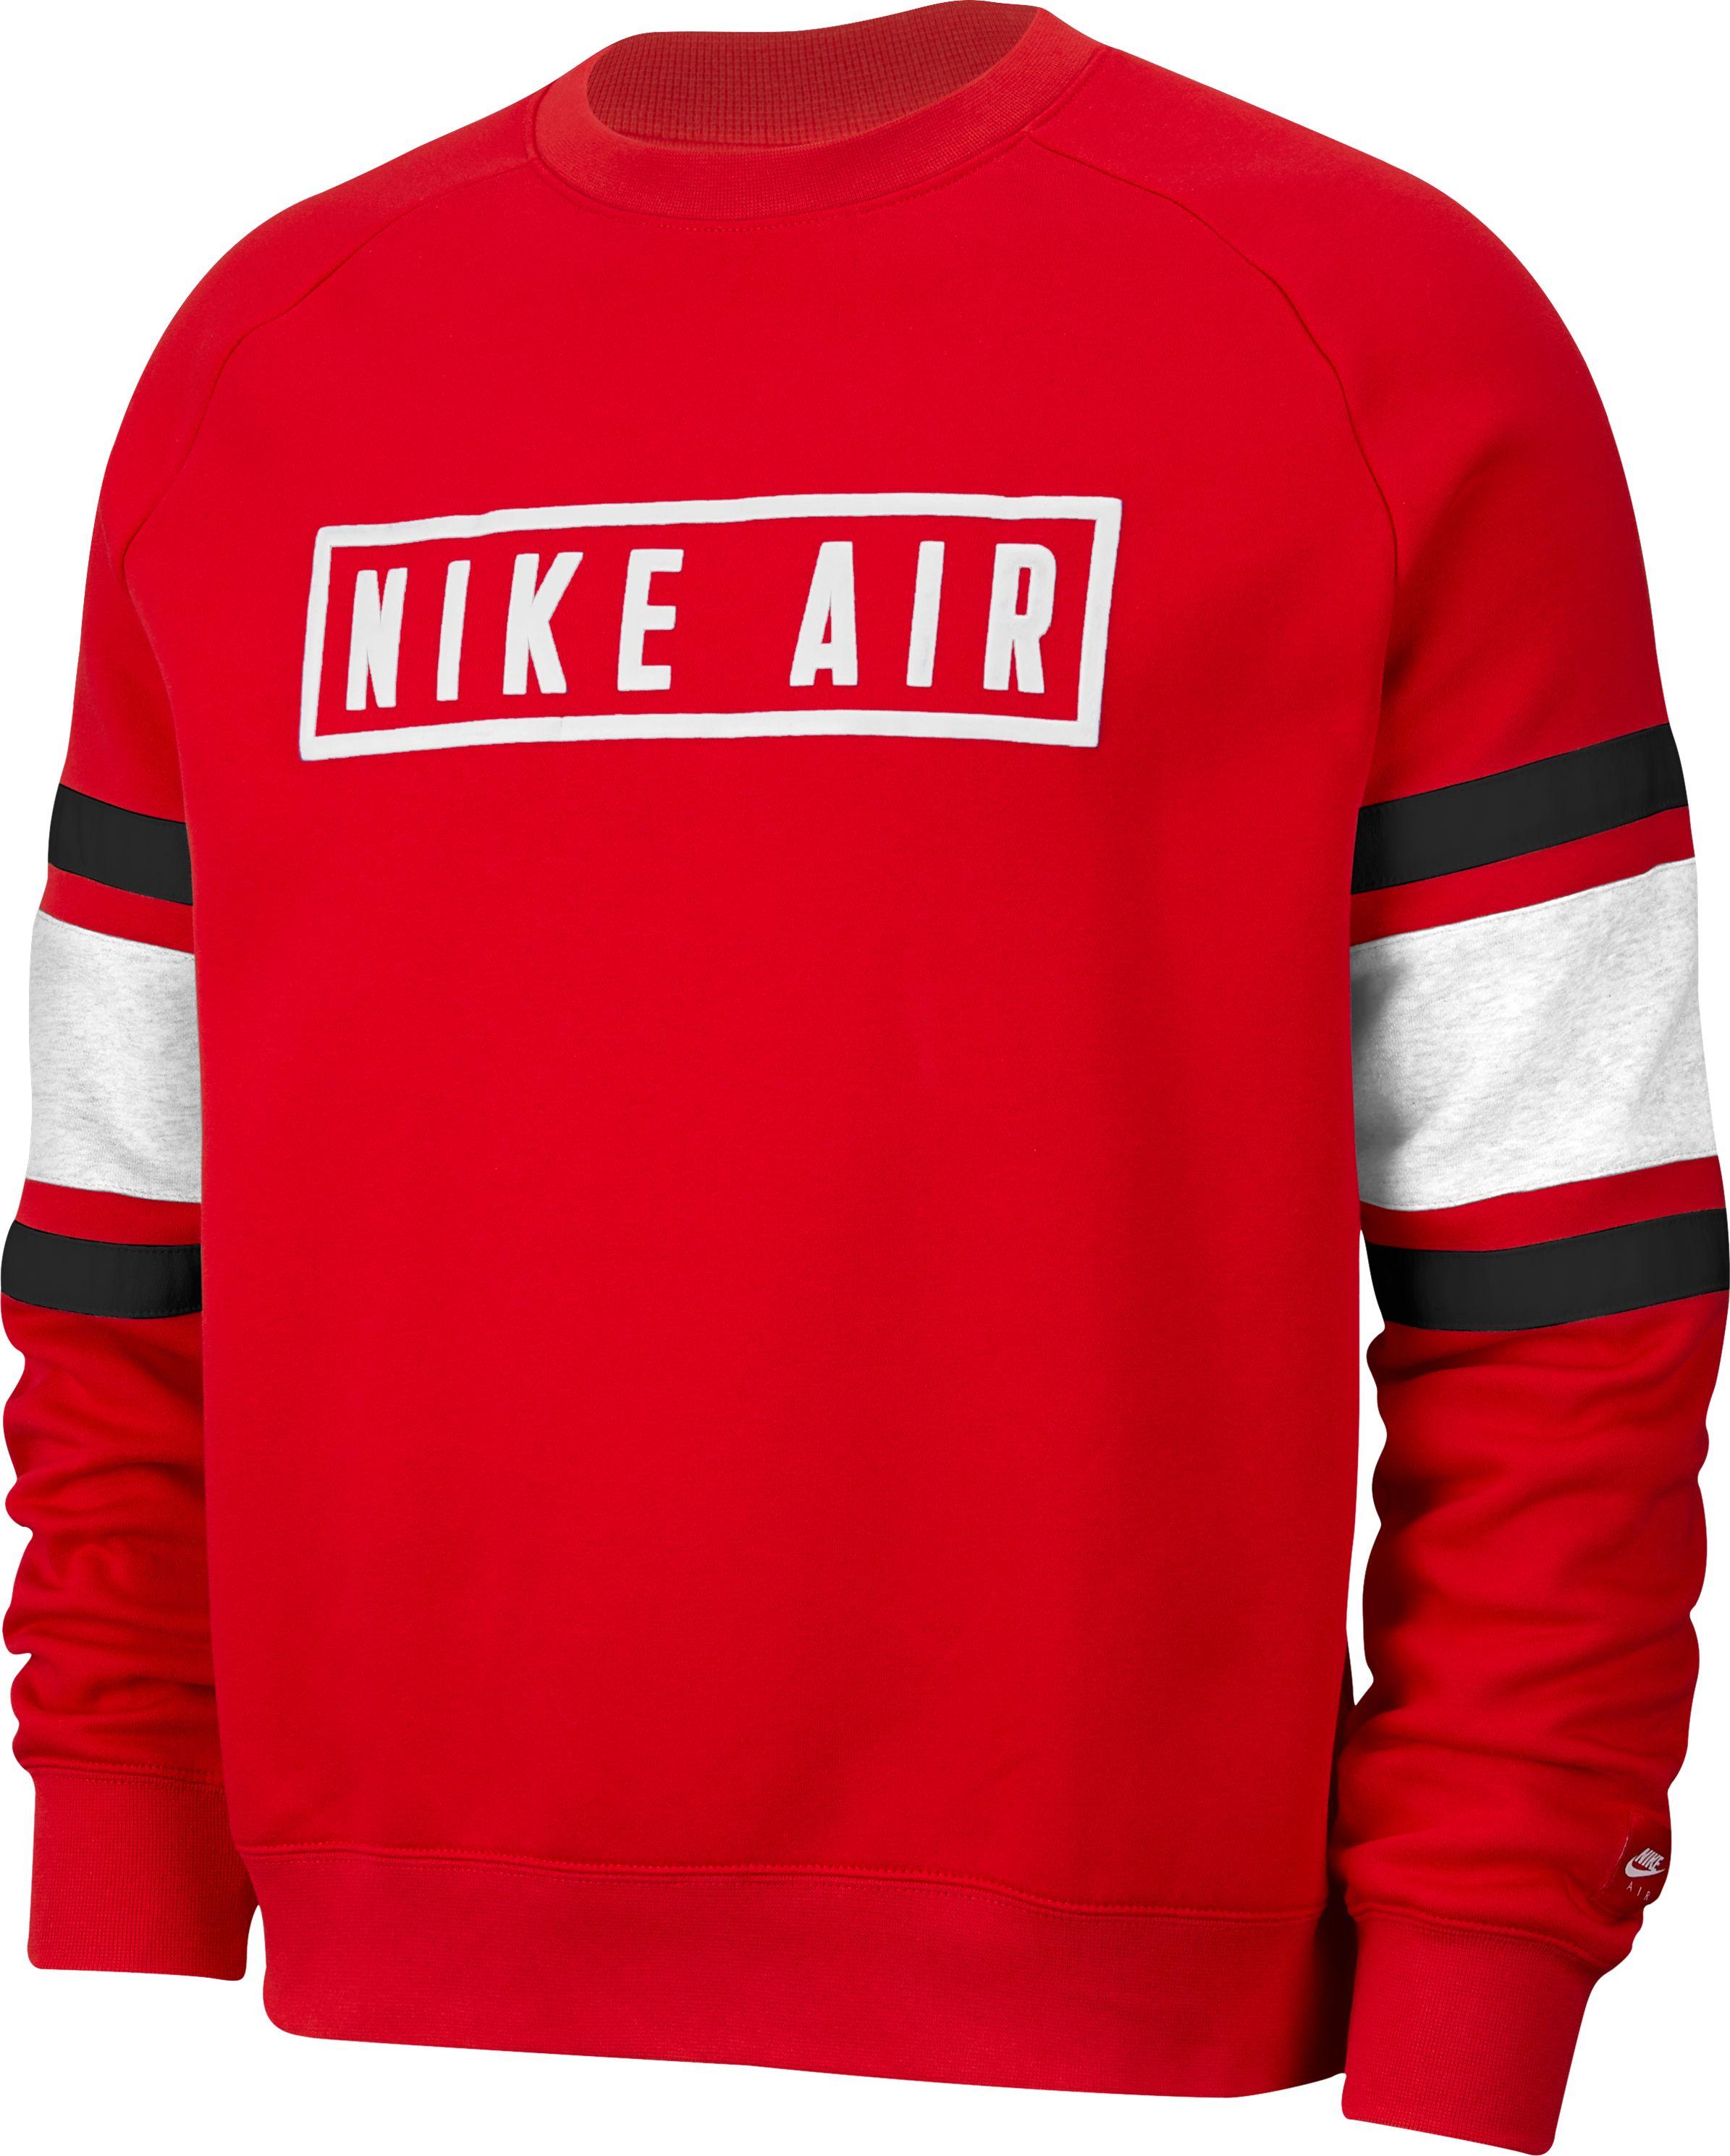 Nike Air hoodie black white red